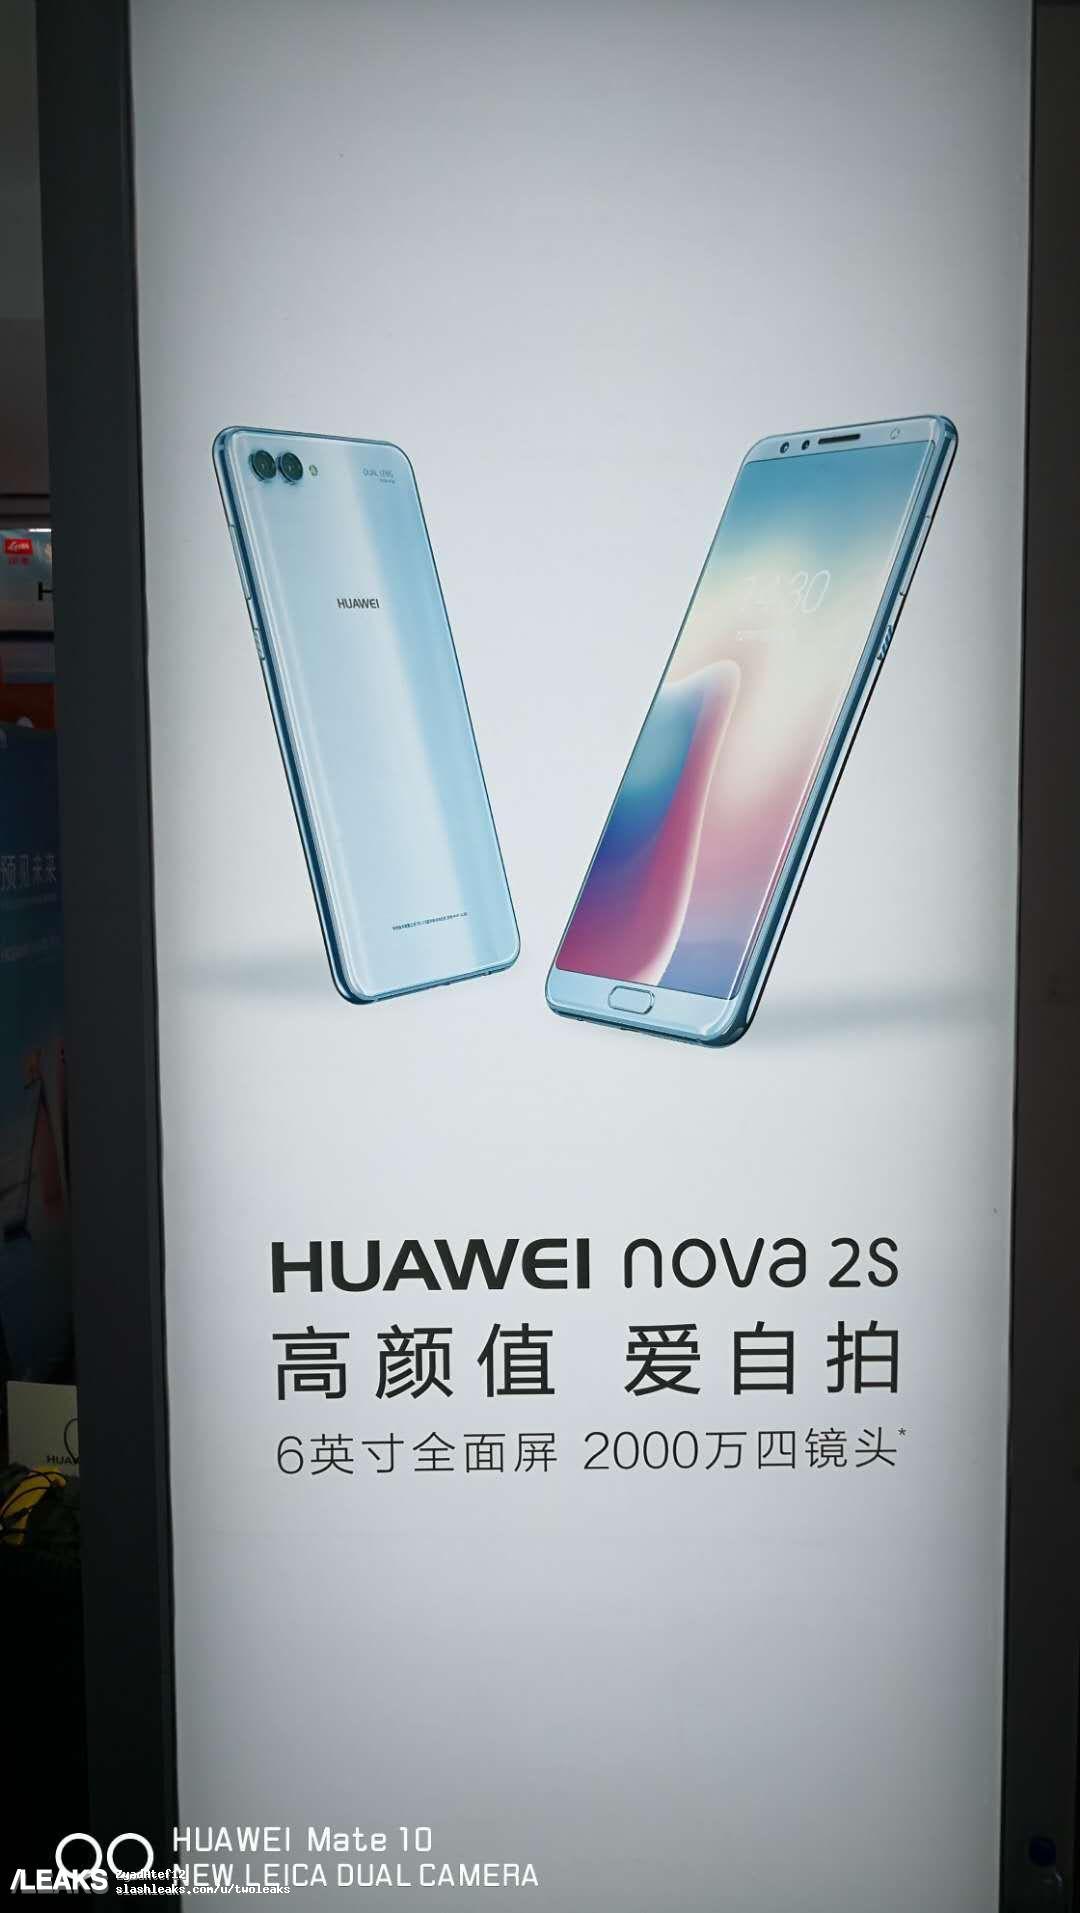 img Huawei Nova 2s posters + more live pics